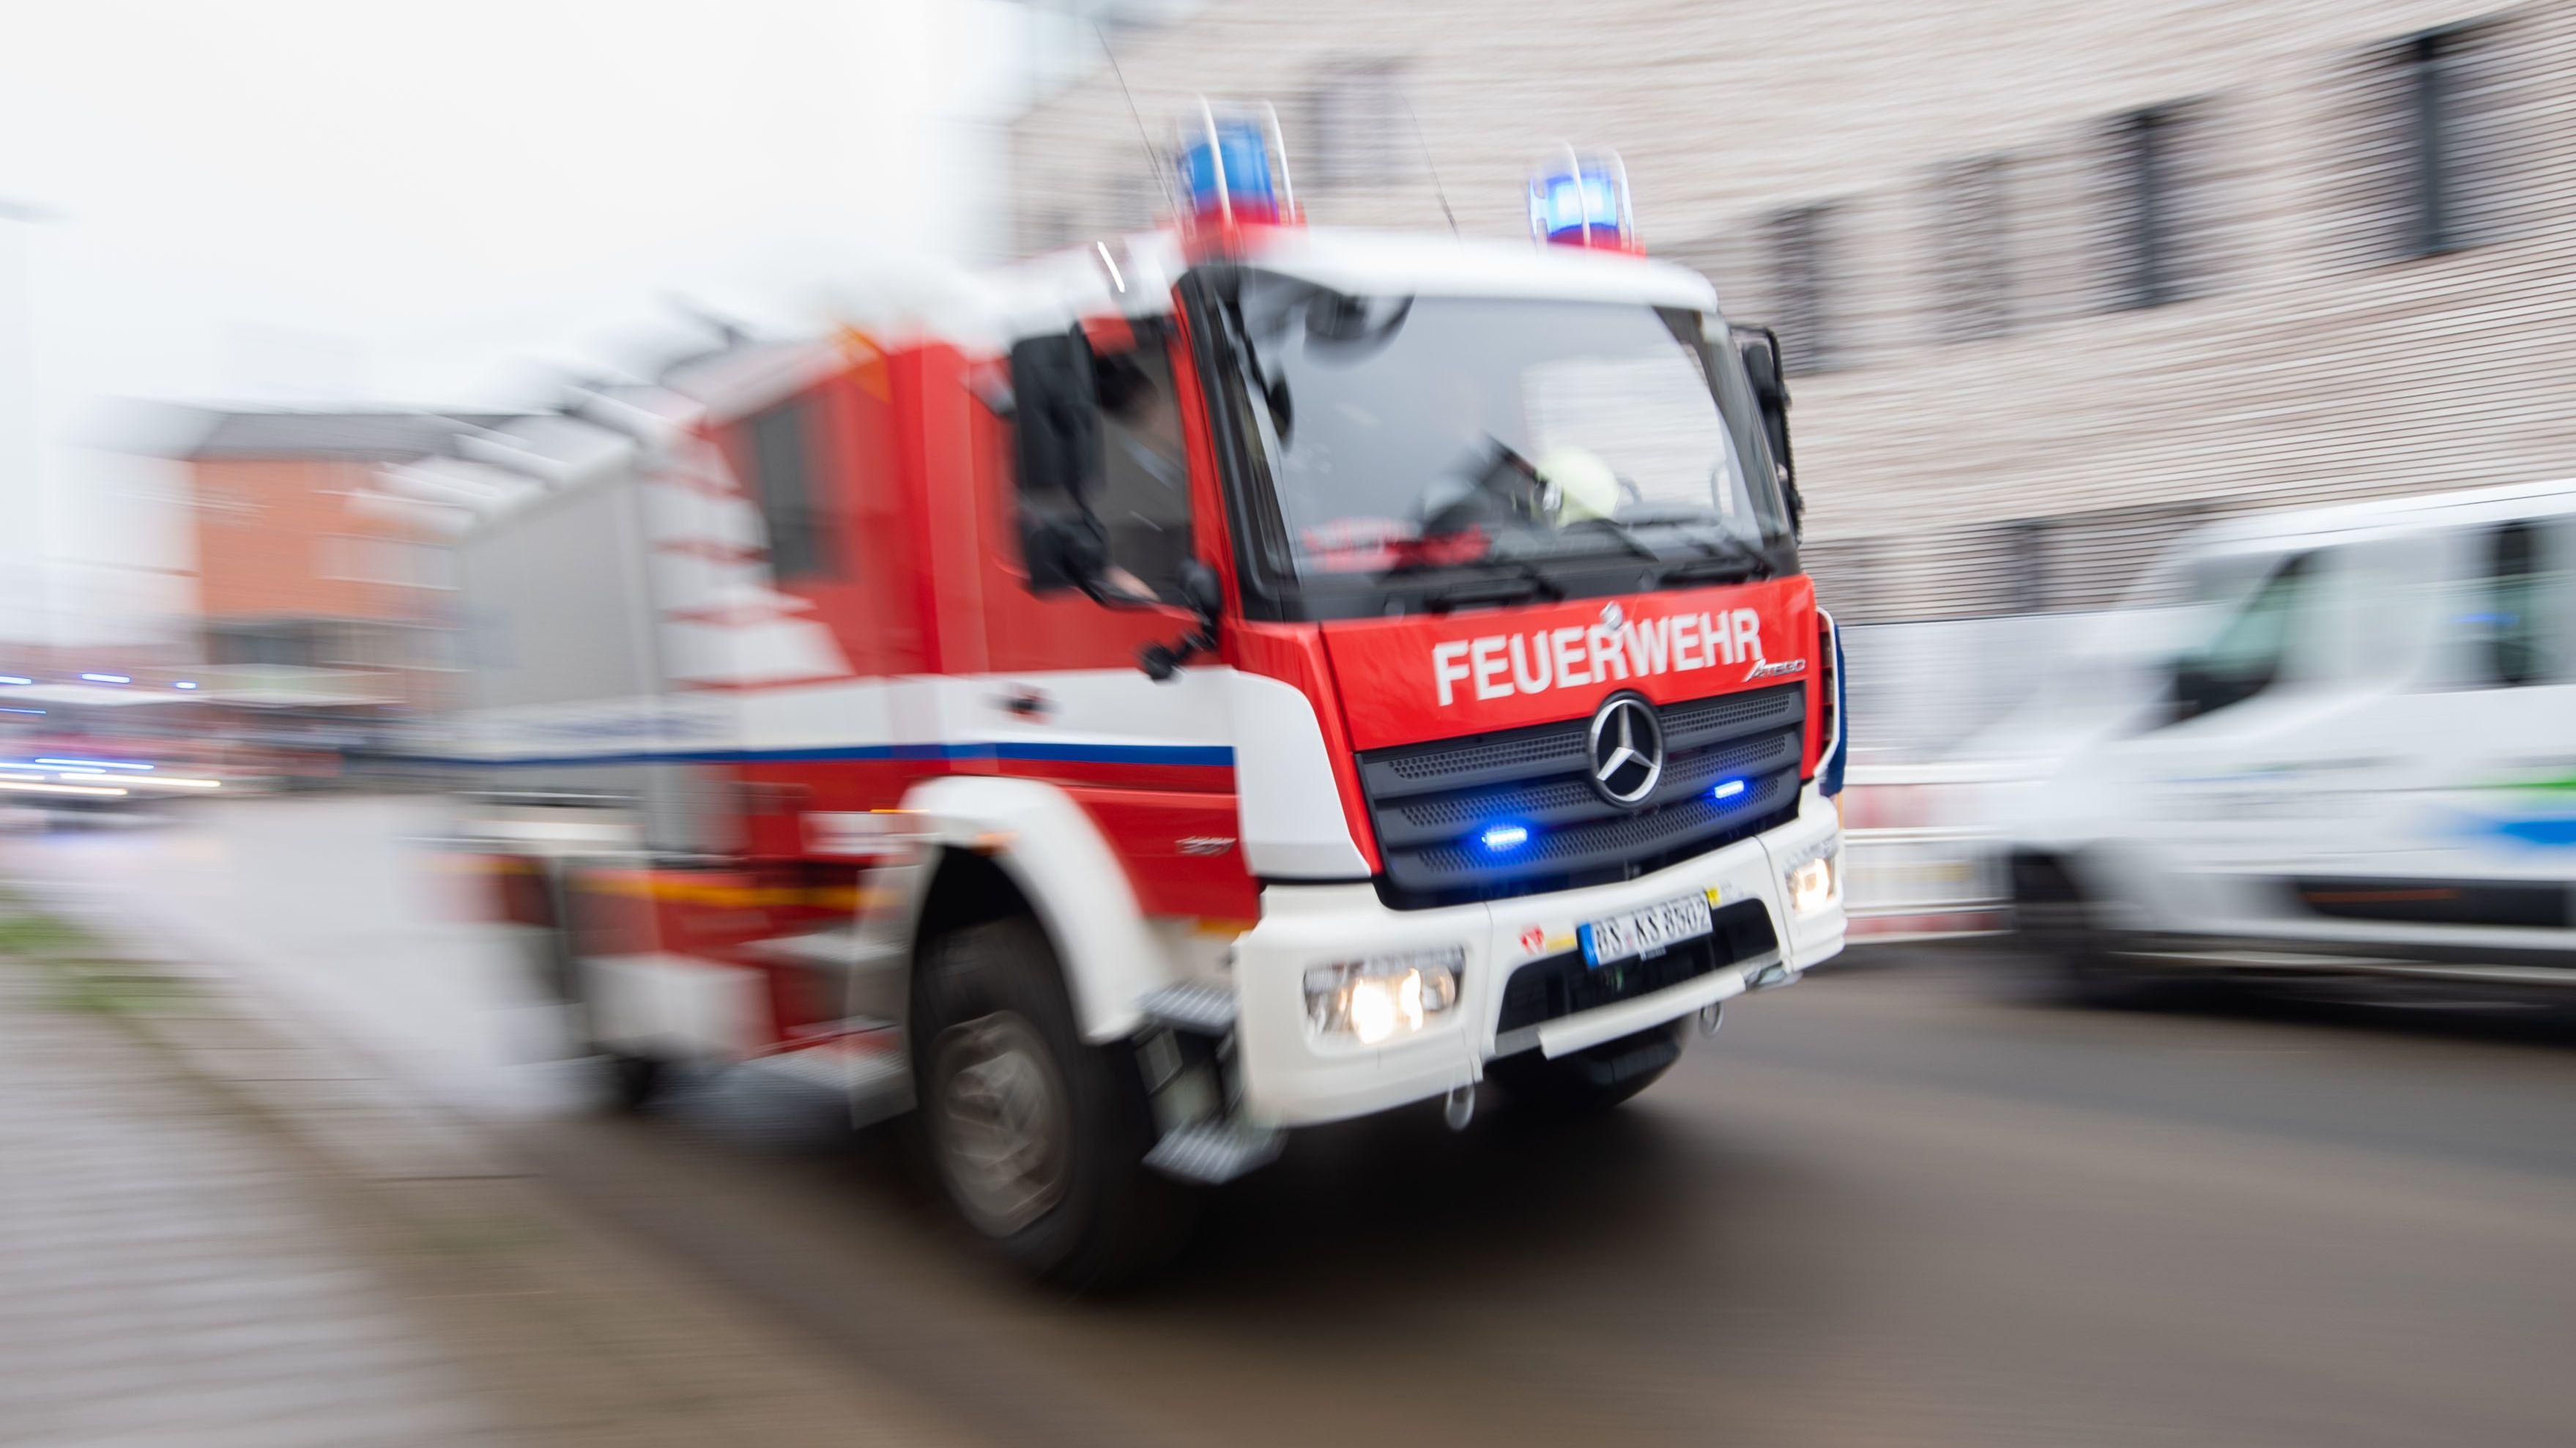 Feuerwehrauto im Einsatz.